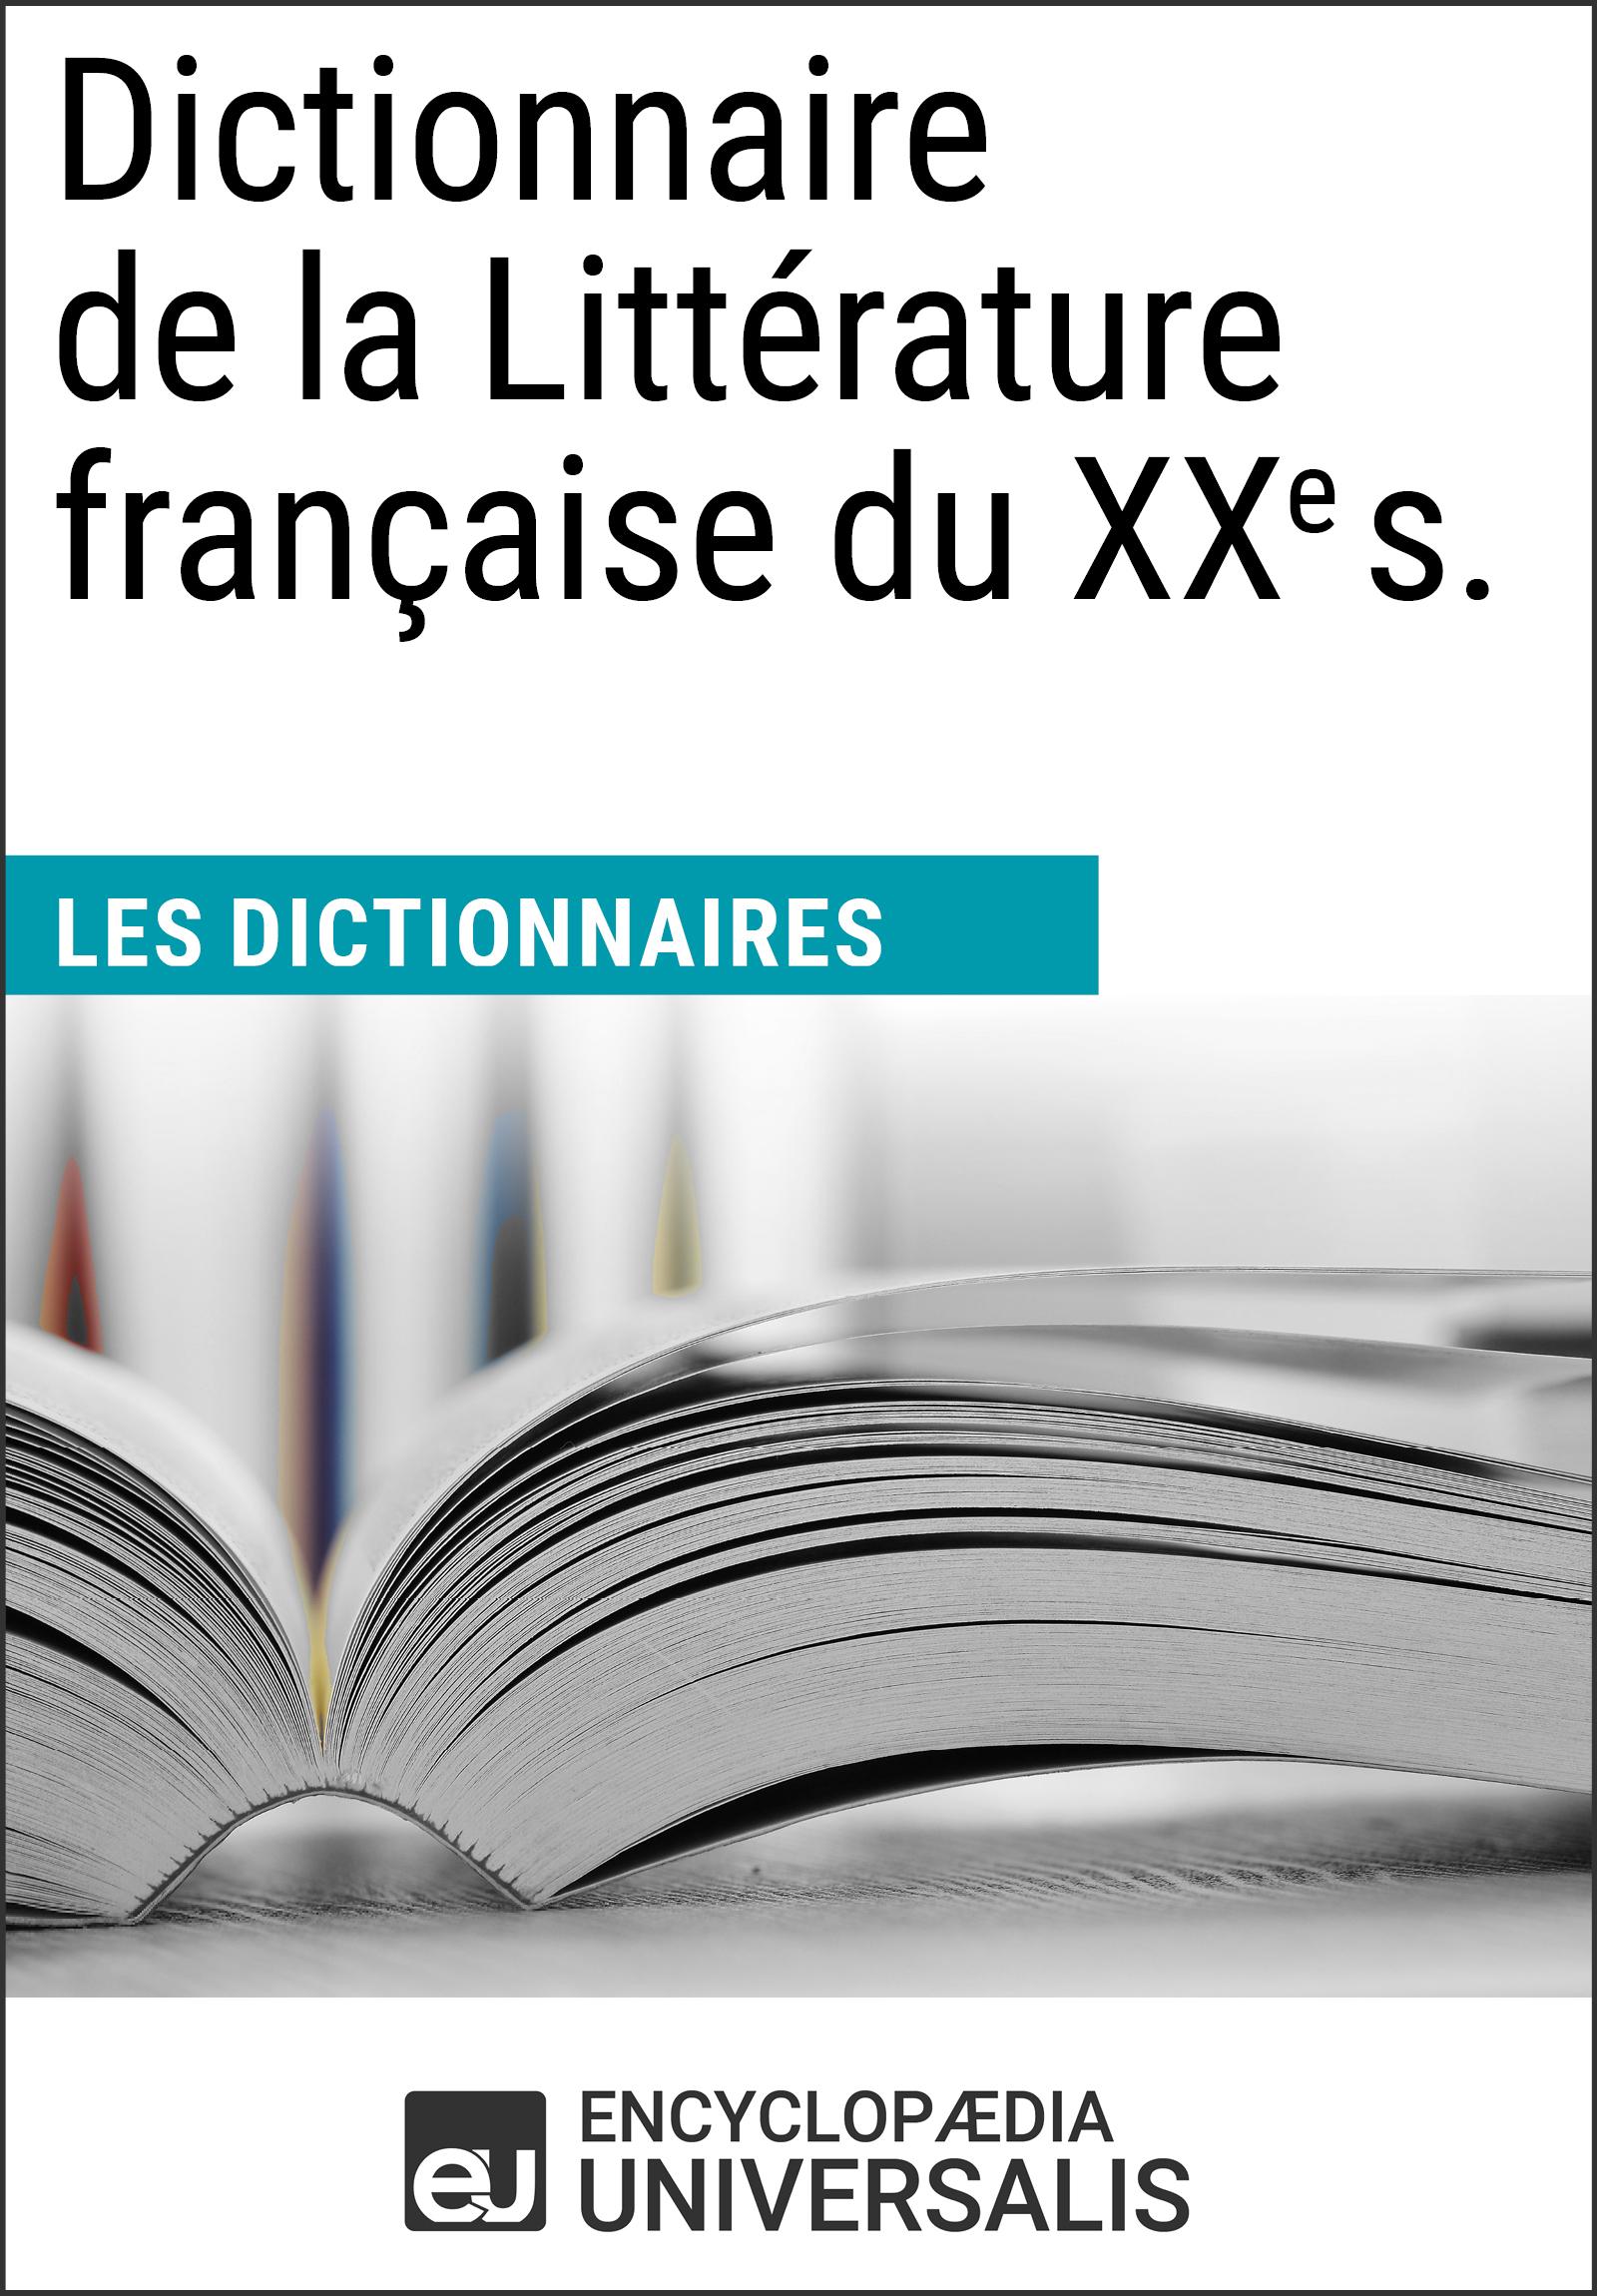 Dictionnaire de la Littérature française du XXe siècle